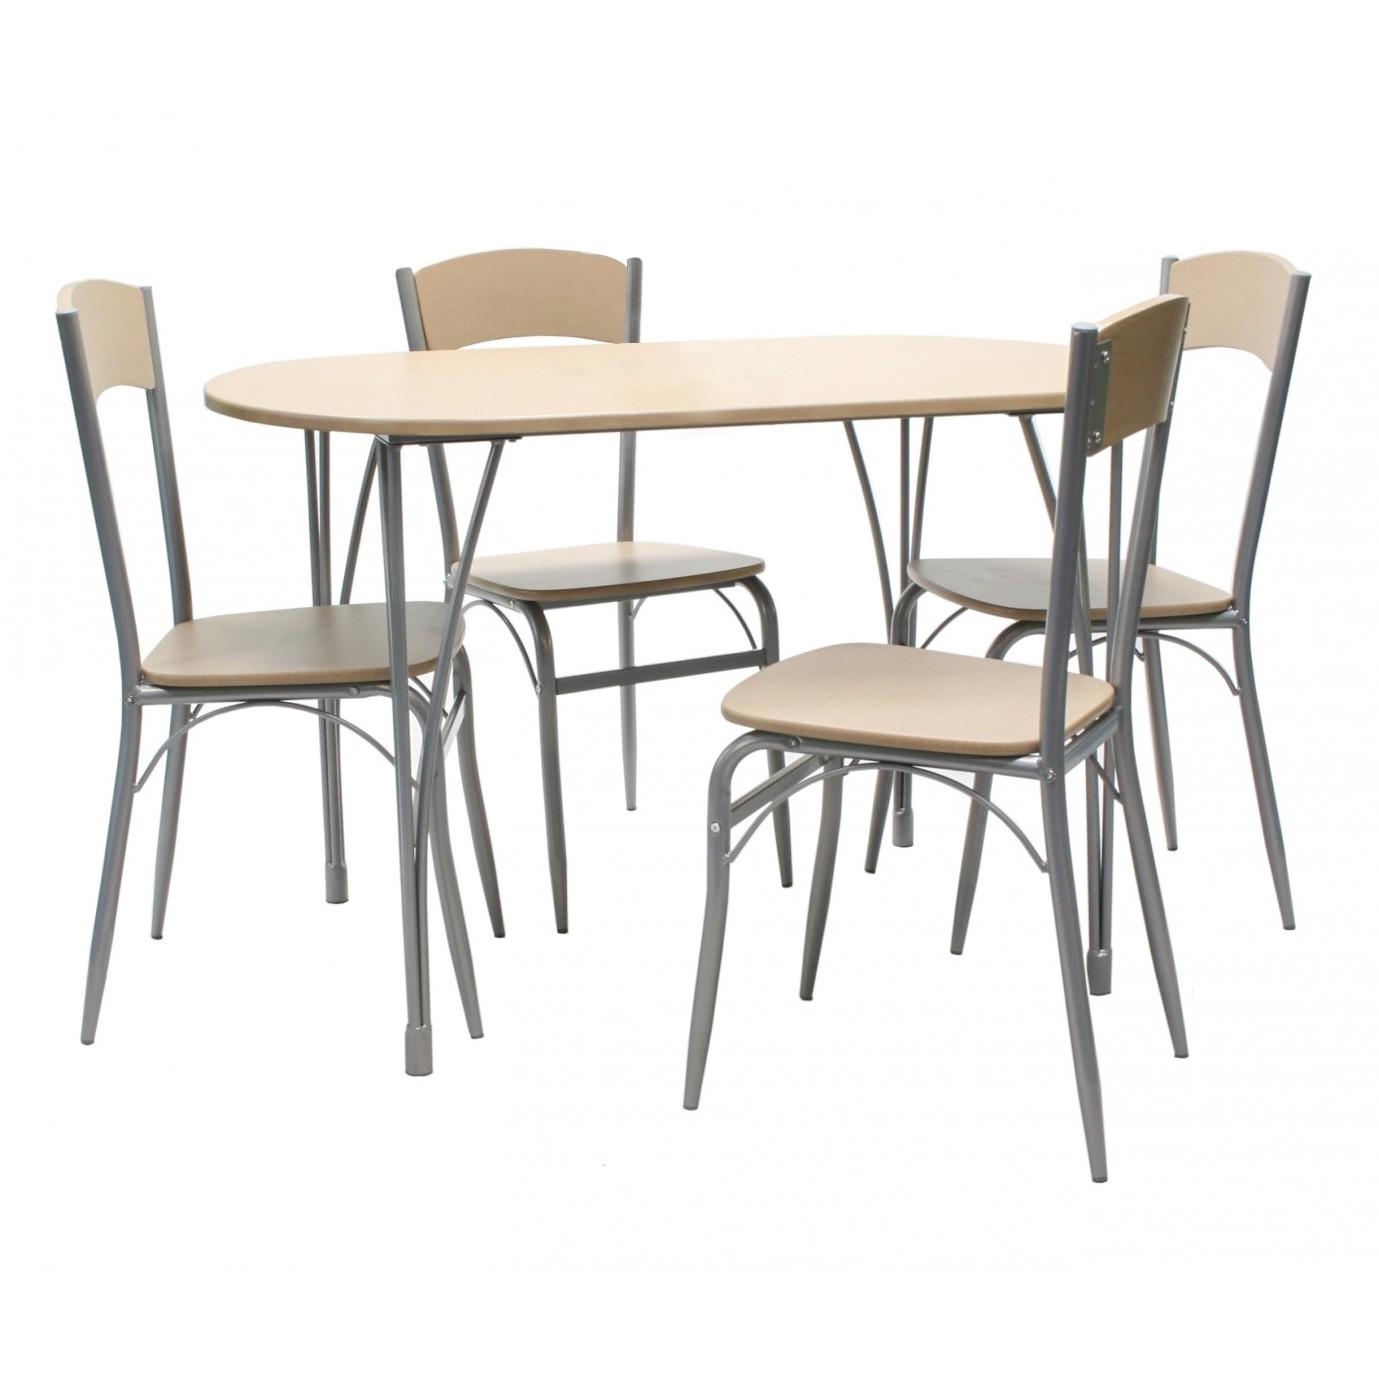 Dedeman set masa fixa cu 4 scaune bucatarie ds26035b for Masa cu scaune dedeman